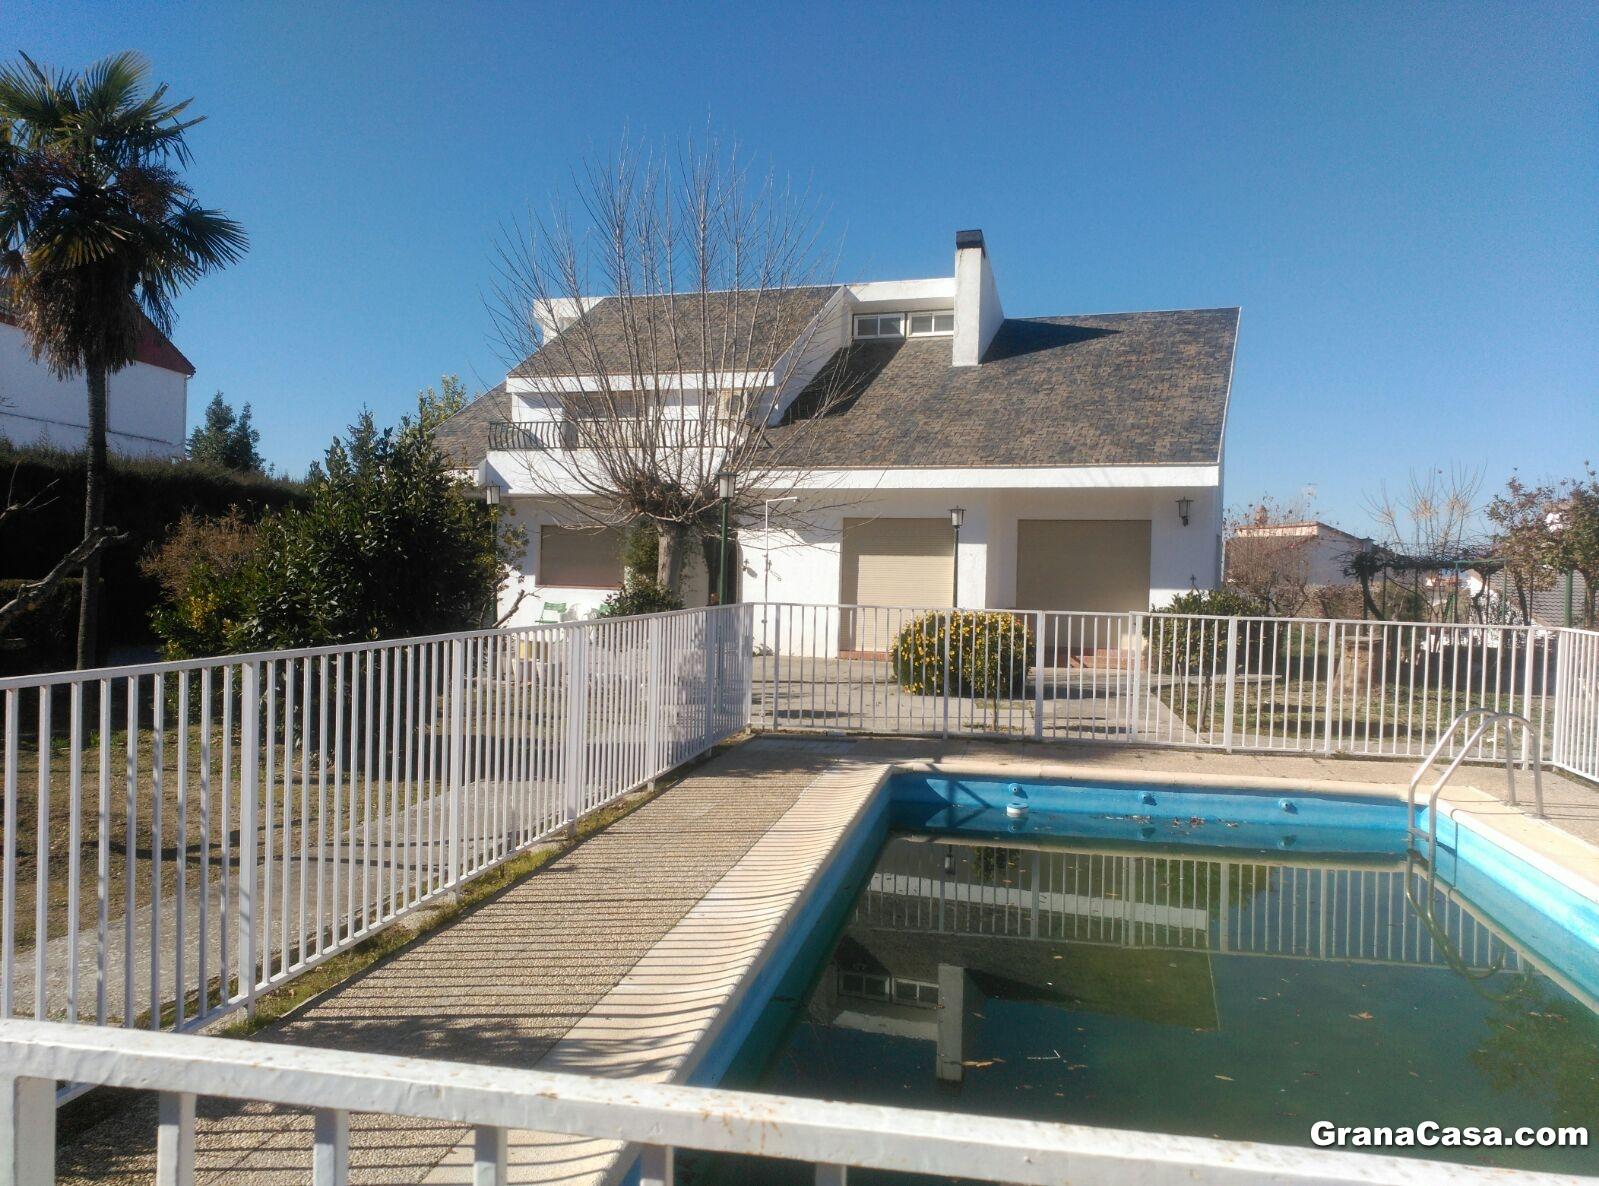 Casa con piscina en ogijares para alquiler vacacional o for Alquiler casa con piscina granada